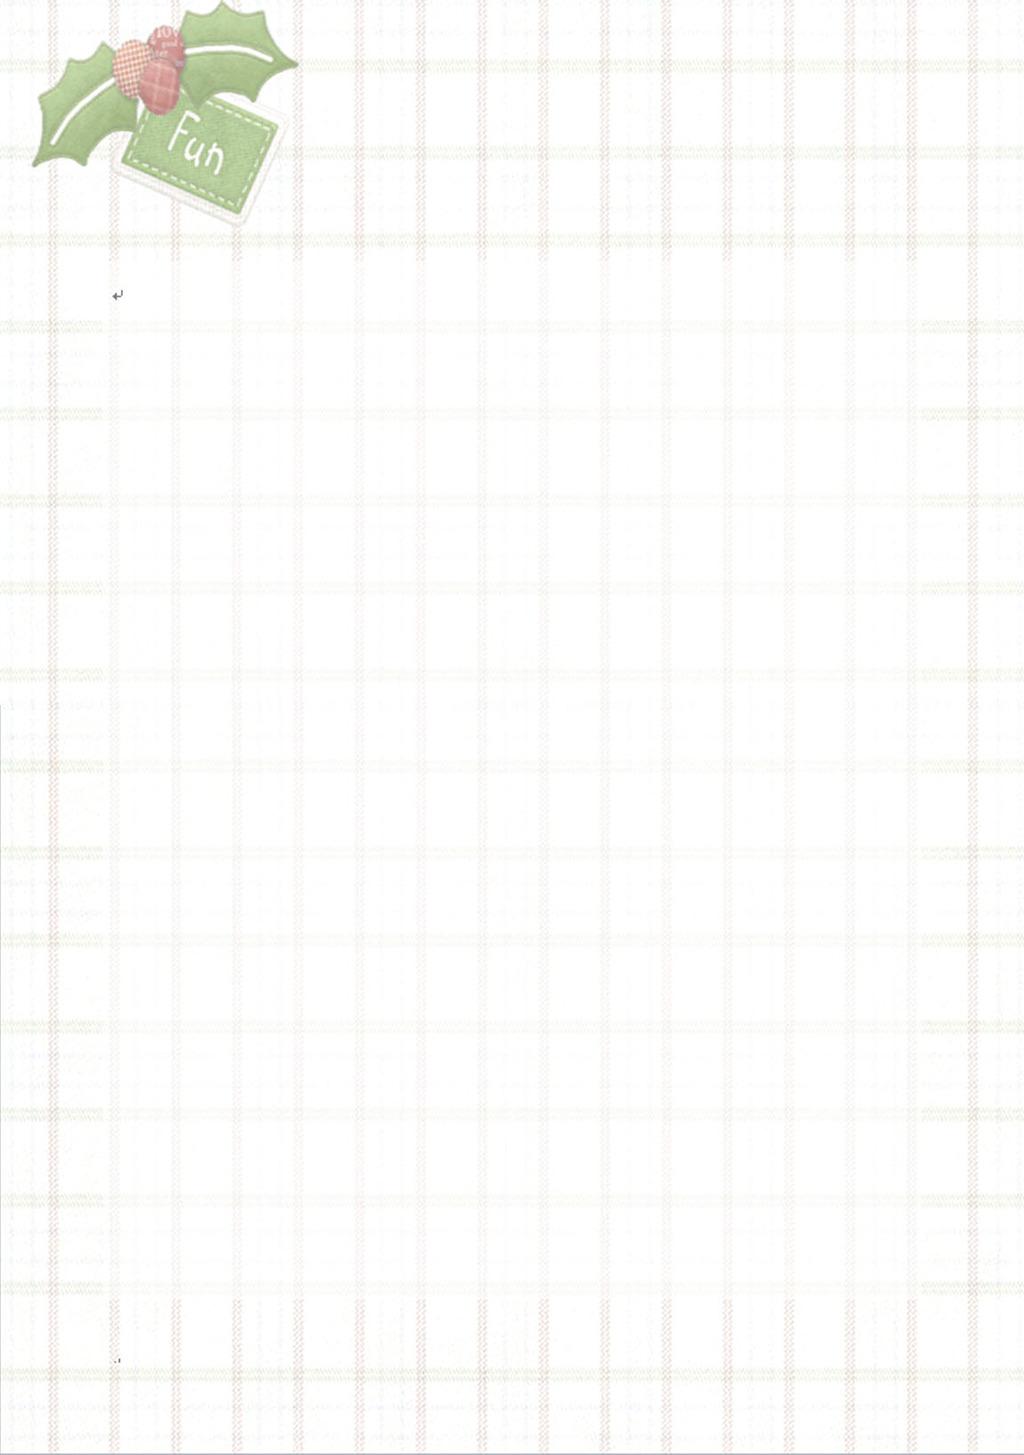 格子布信纸模板模板下载(图片编号:12226016)